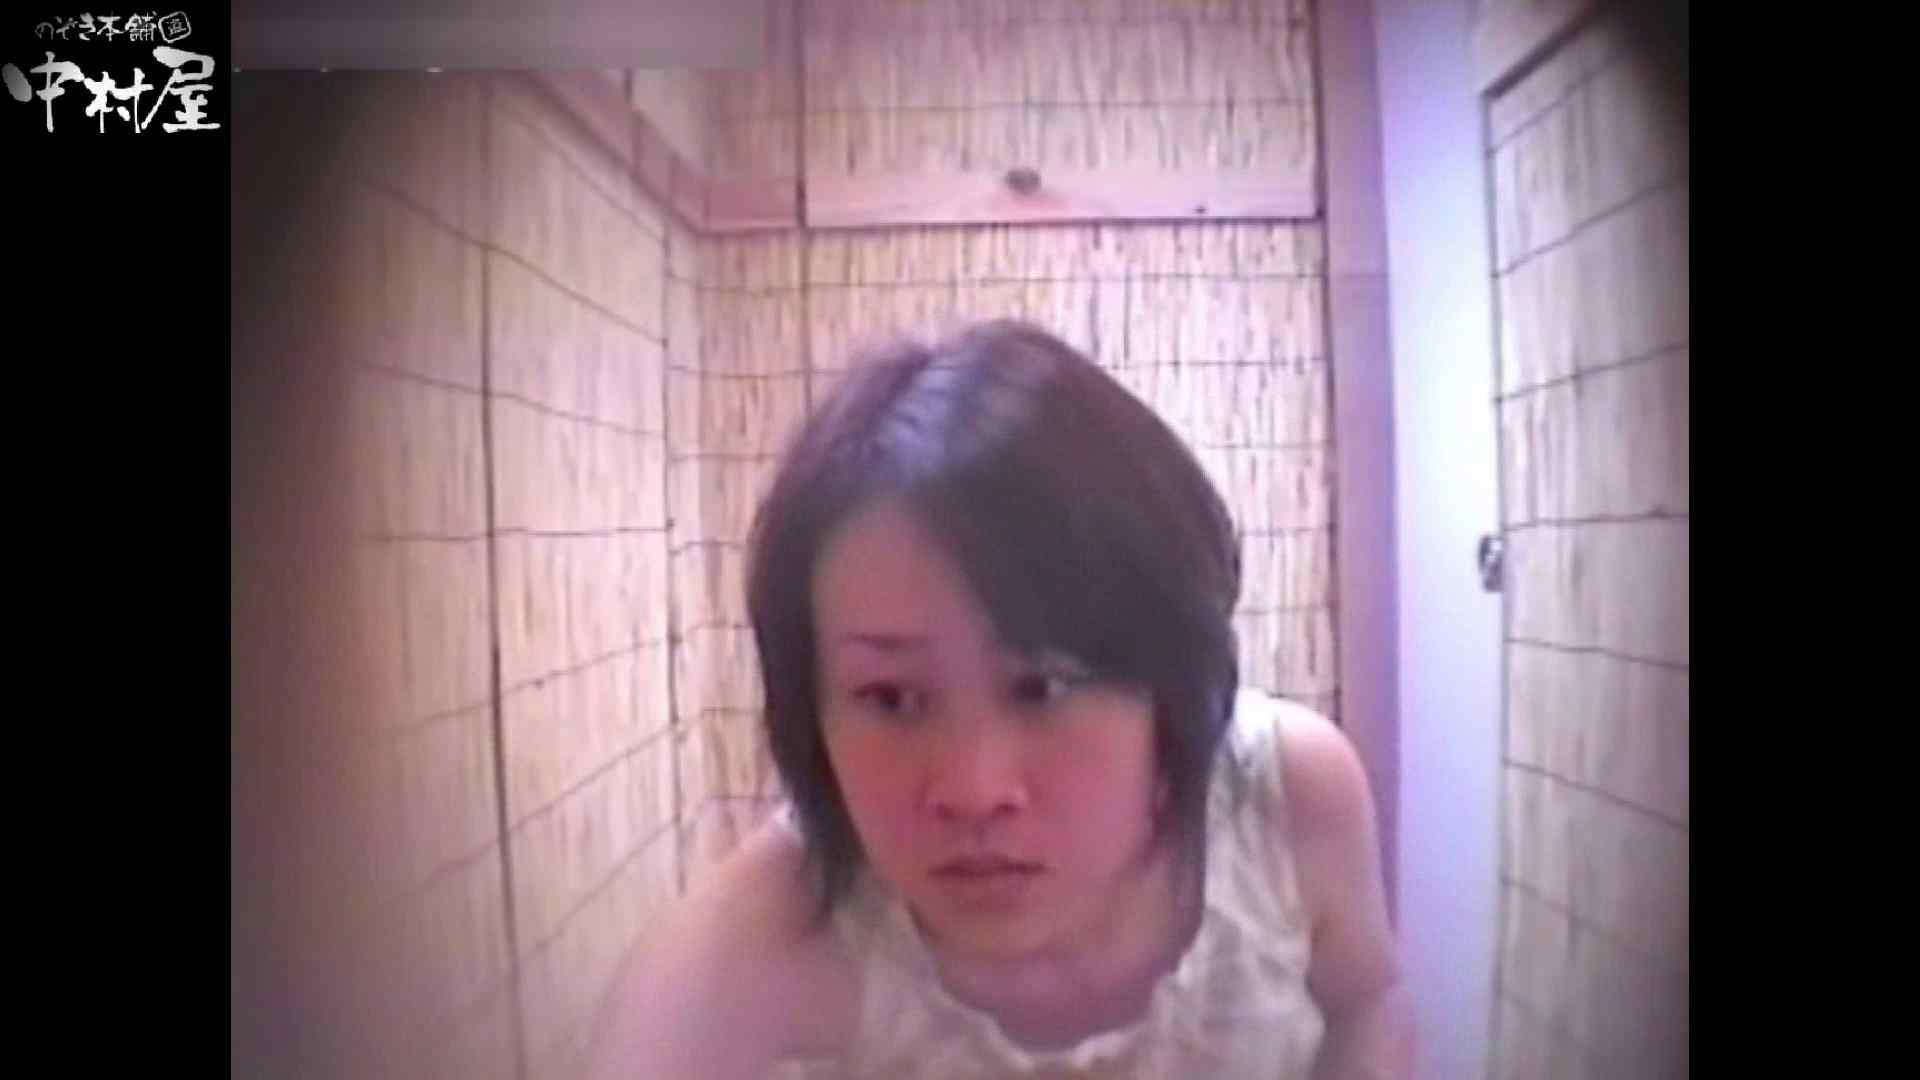 解禁!海の家4カメ洗面所vol.63 現役ギャル 盗撮動画紹介 87pic 46